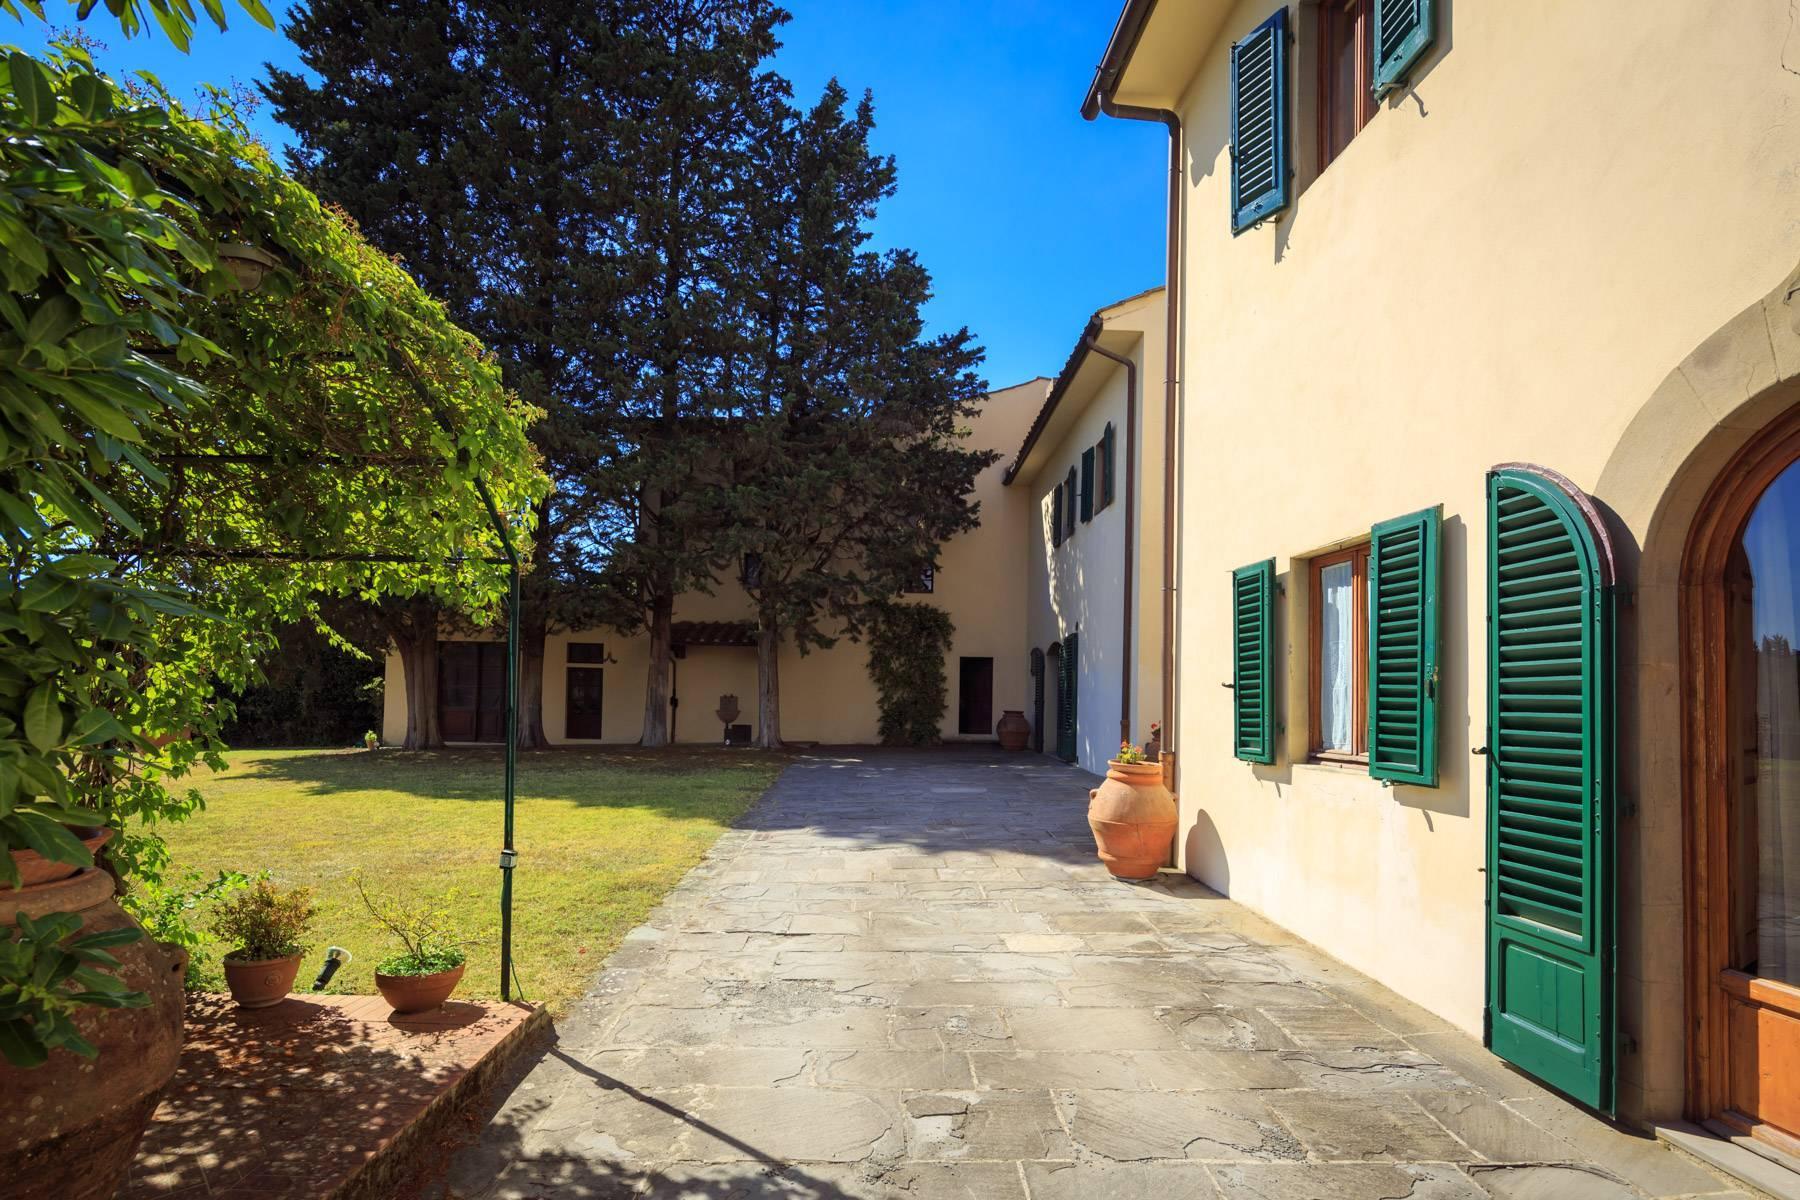 Grande villa antica con oliveto a 10 minuti da Firenze - 9